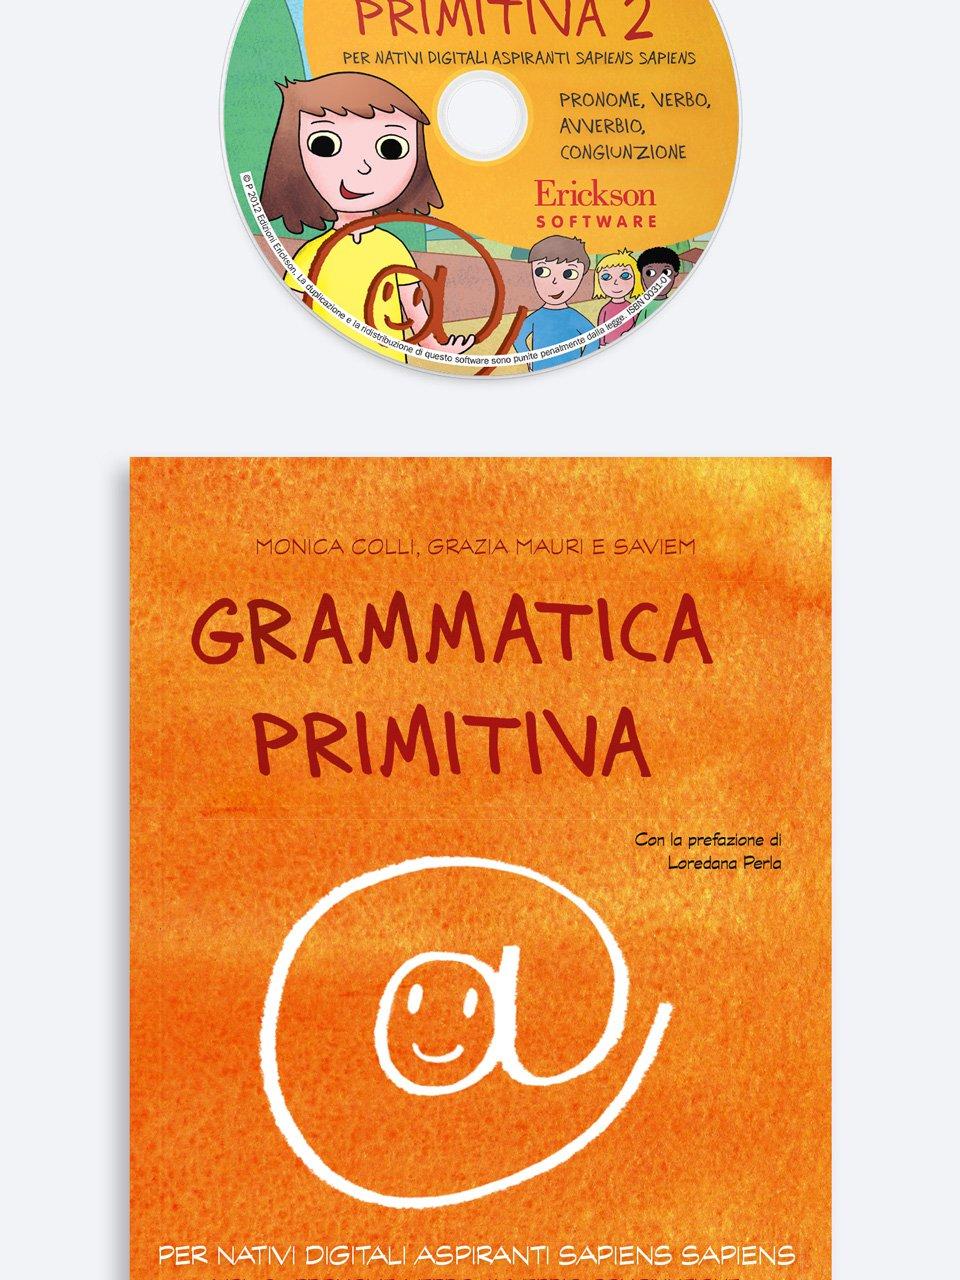 Grammatica primitiva - Volume 2 - Giocadomino - Sinonimi - Giochi - Erickson 3